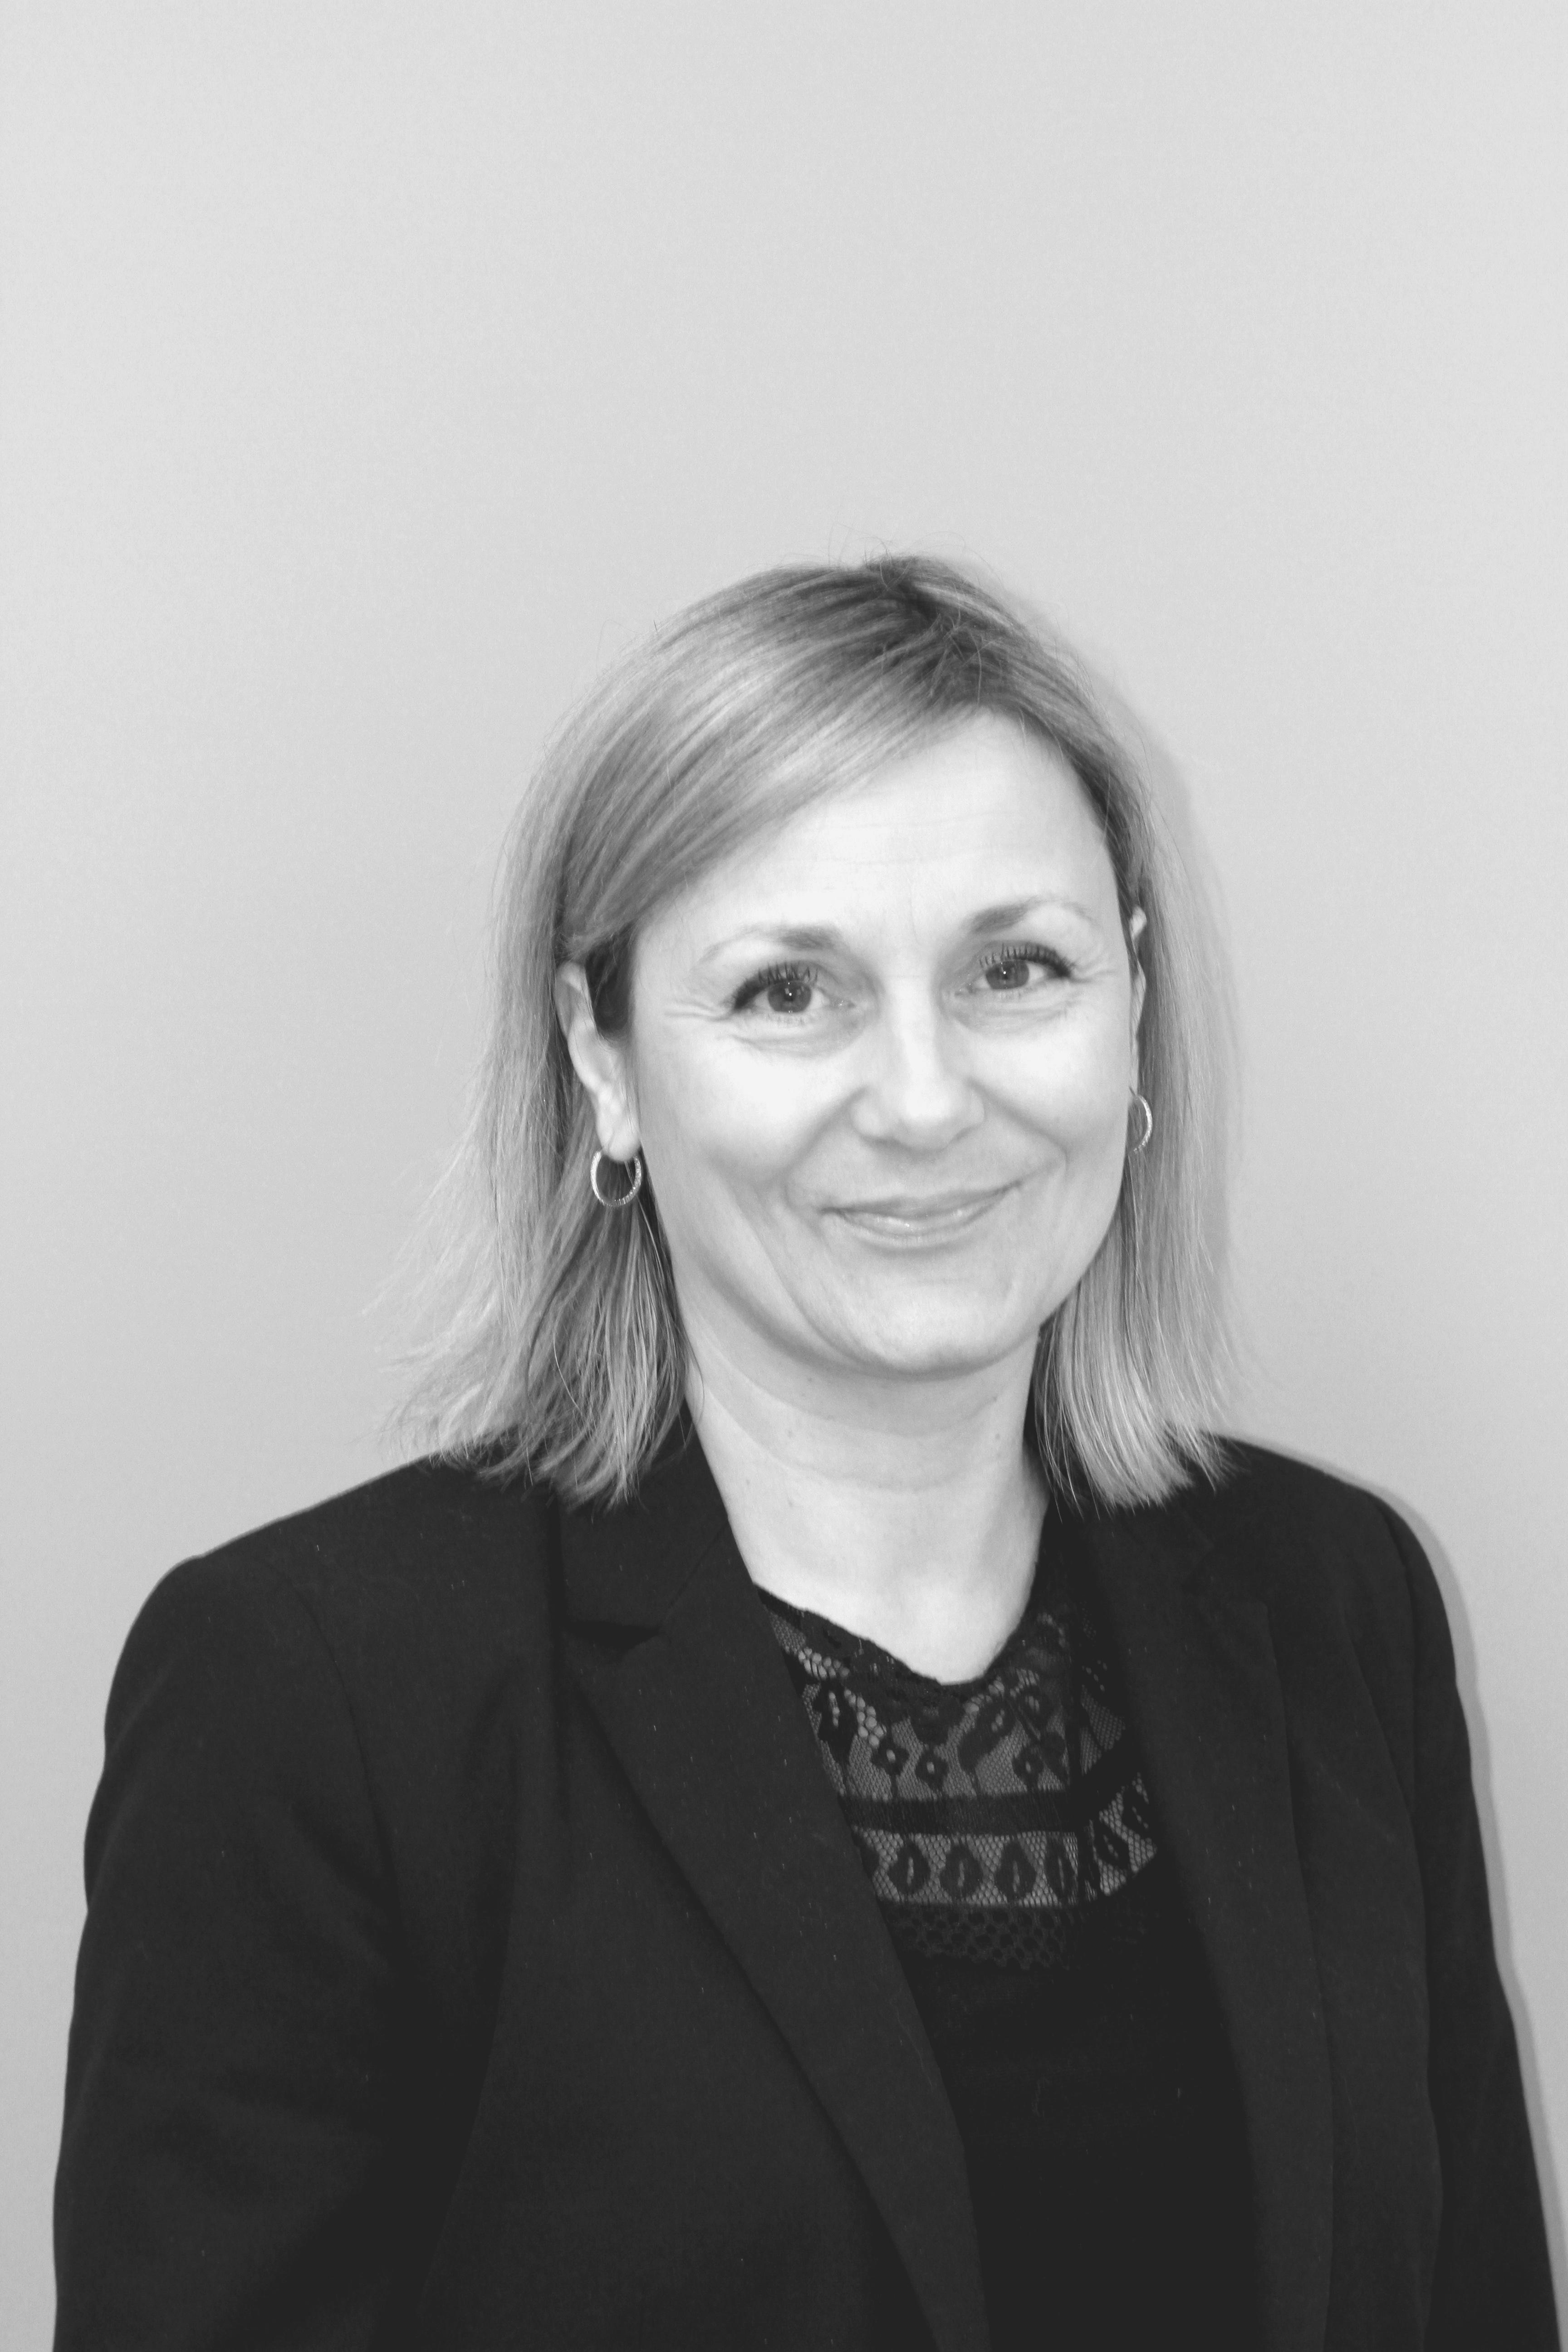 Karen Thorley